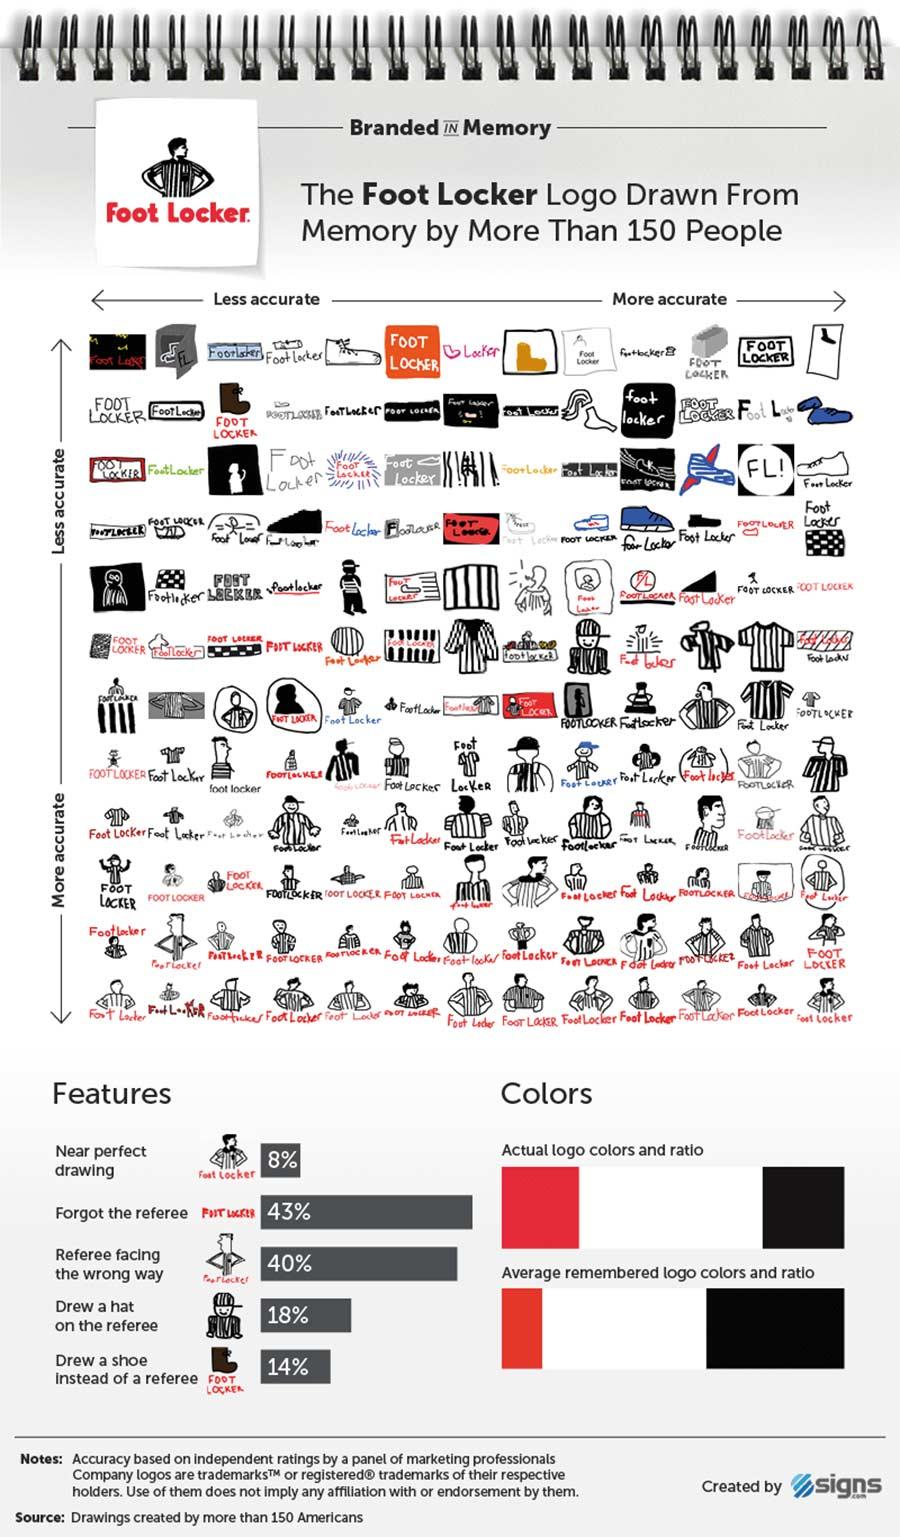 Wenn 156 Leute versuchen, Logos zu malen branded-in-memory-markenlogos-nachgemalt_07